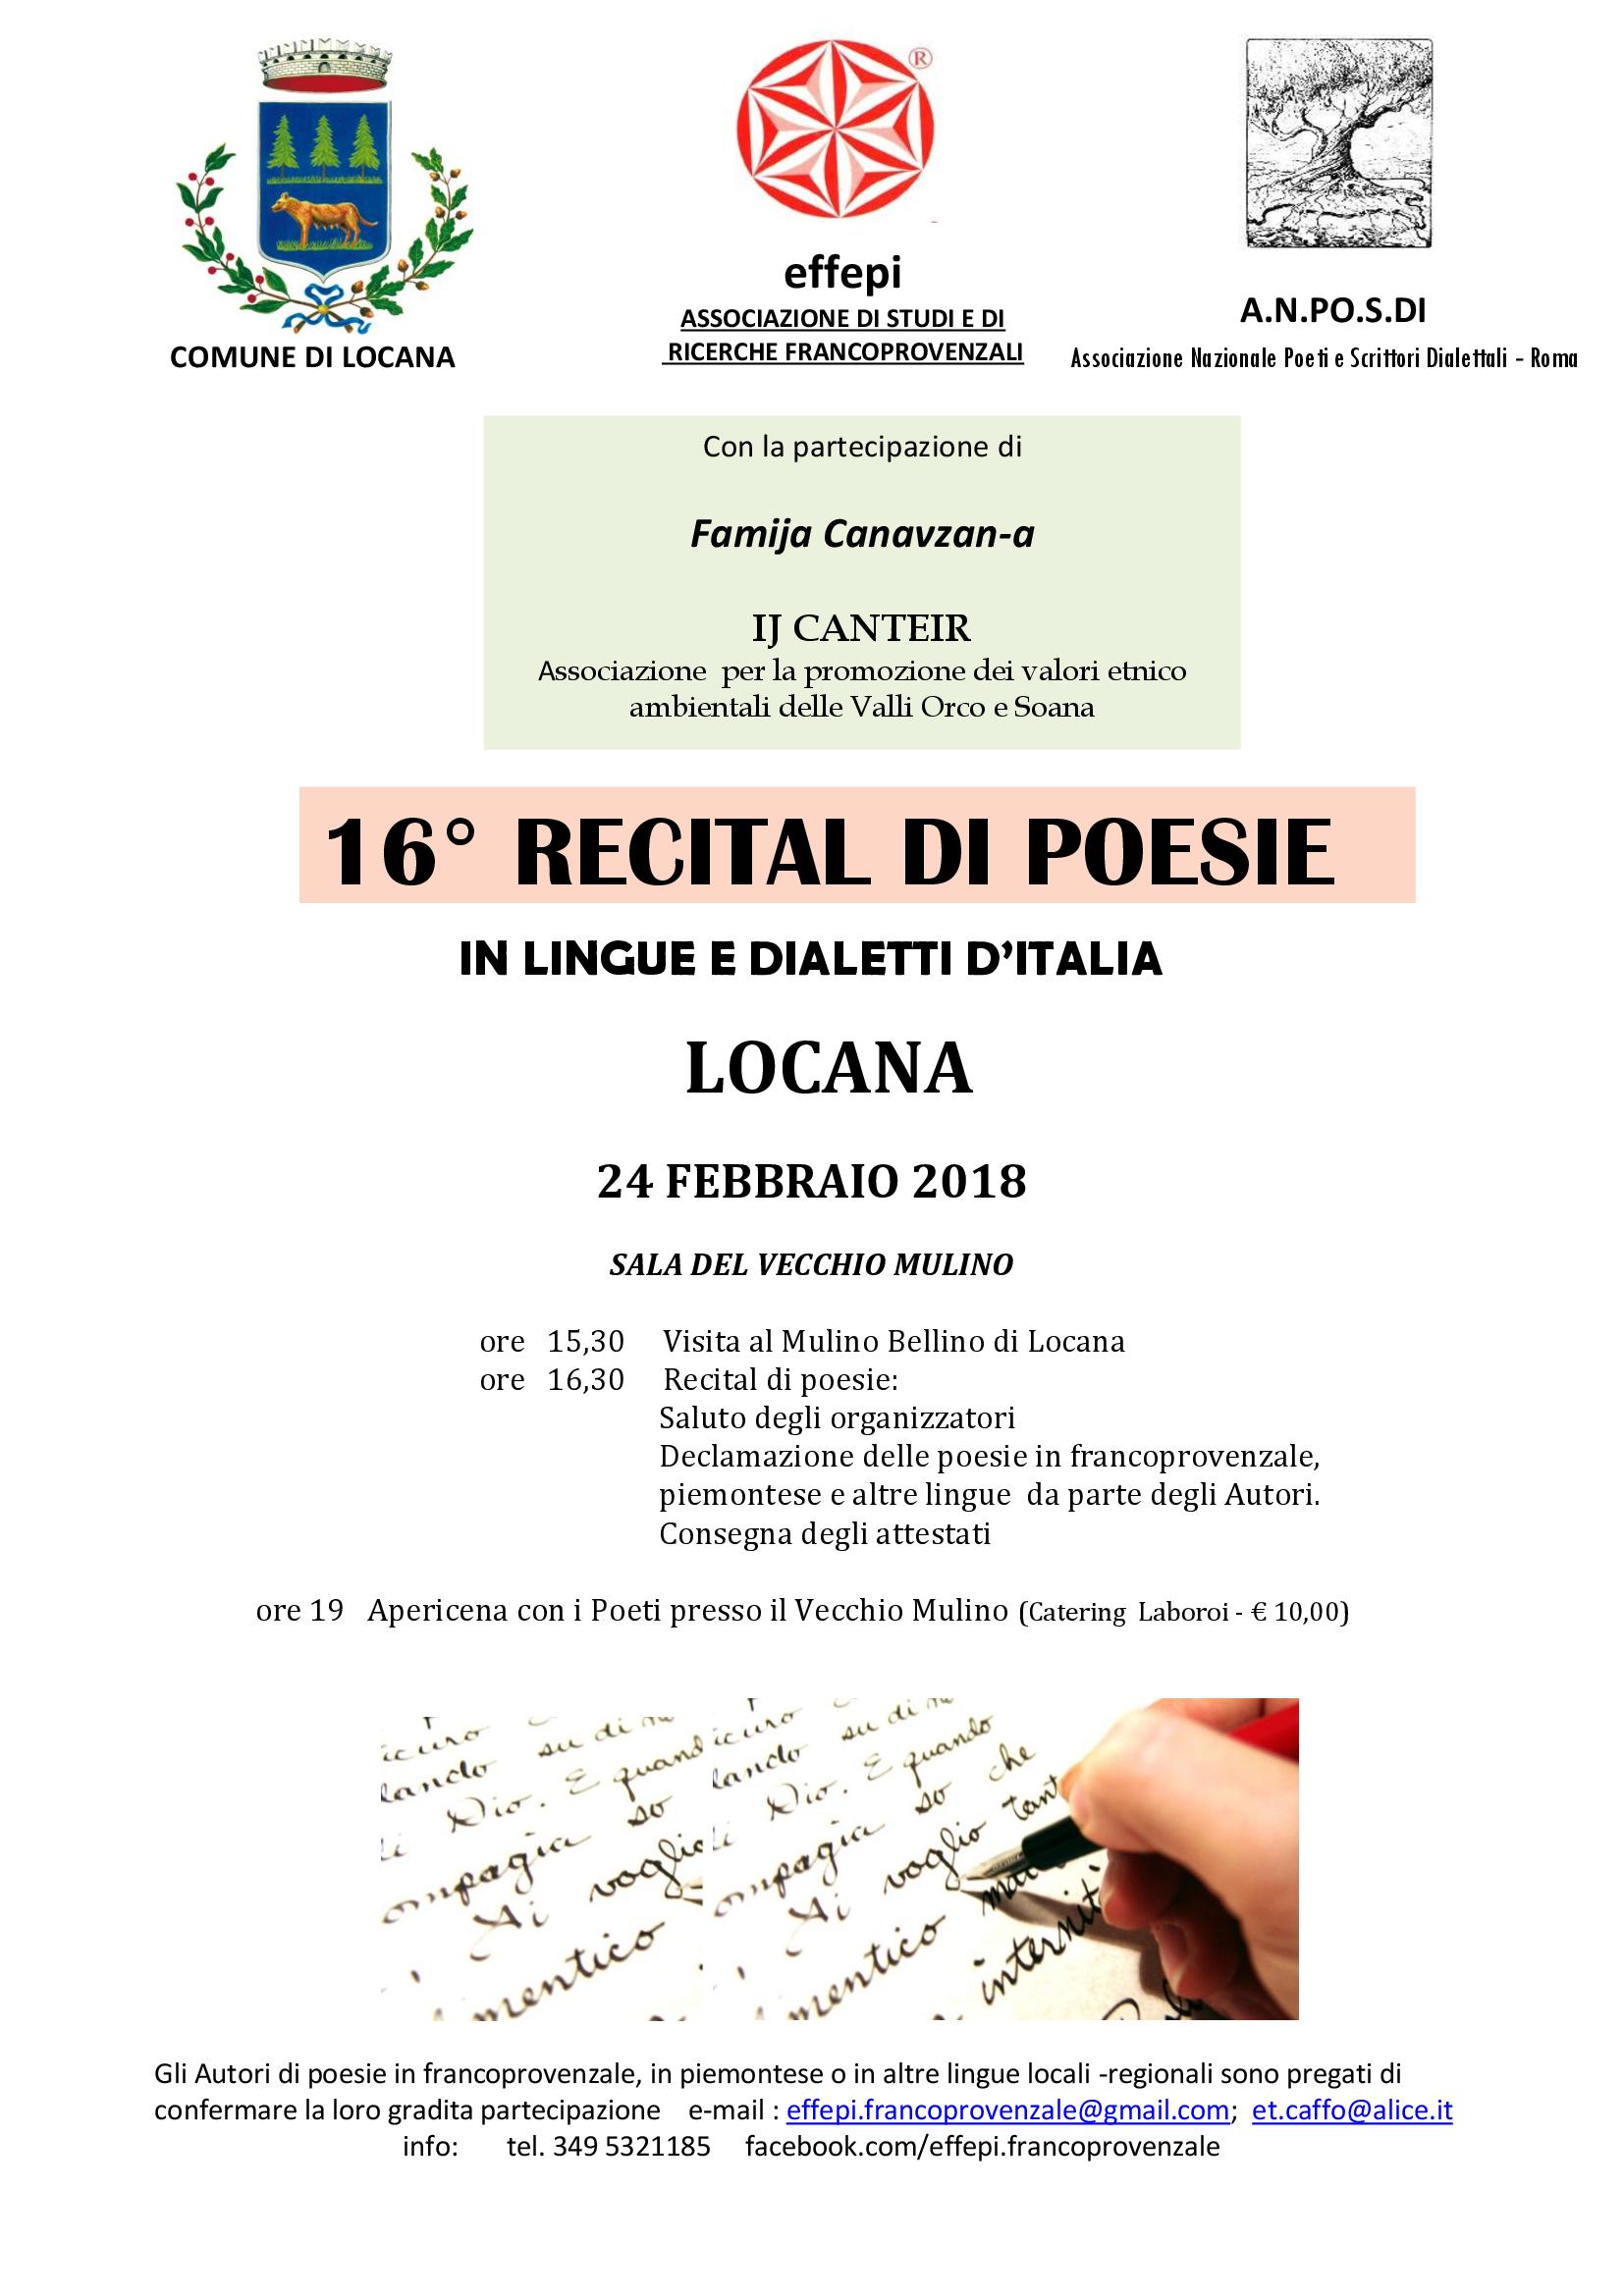 Comunicato Effepi 16 Recital Di Poesie In Lingue E Dialetti D